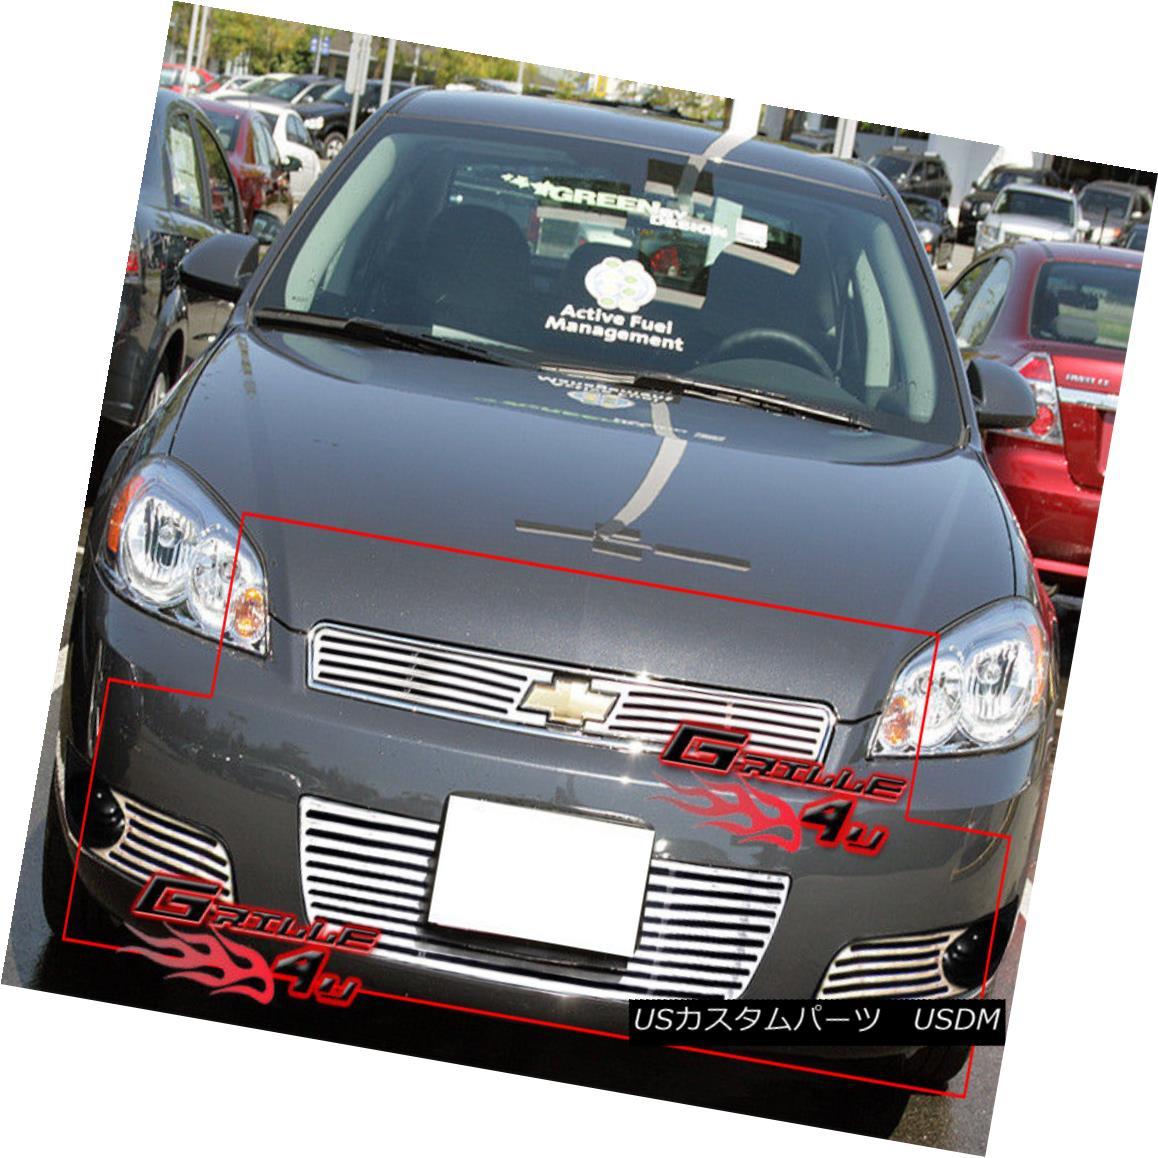 グリル Fits 2006-2013 Impala /06-07 Monte Carlo Perimeter Grille Grill insert Combo フィット2006-2013インパラ/ 06-07モンテカルロペリメーターグリルグリルインサートコンボ